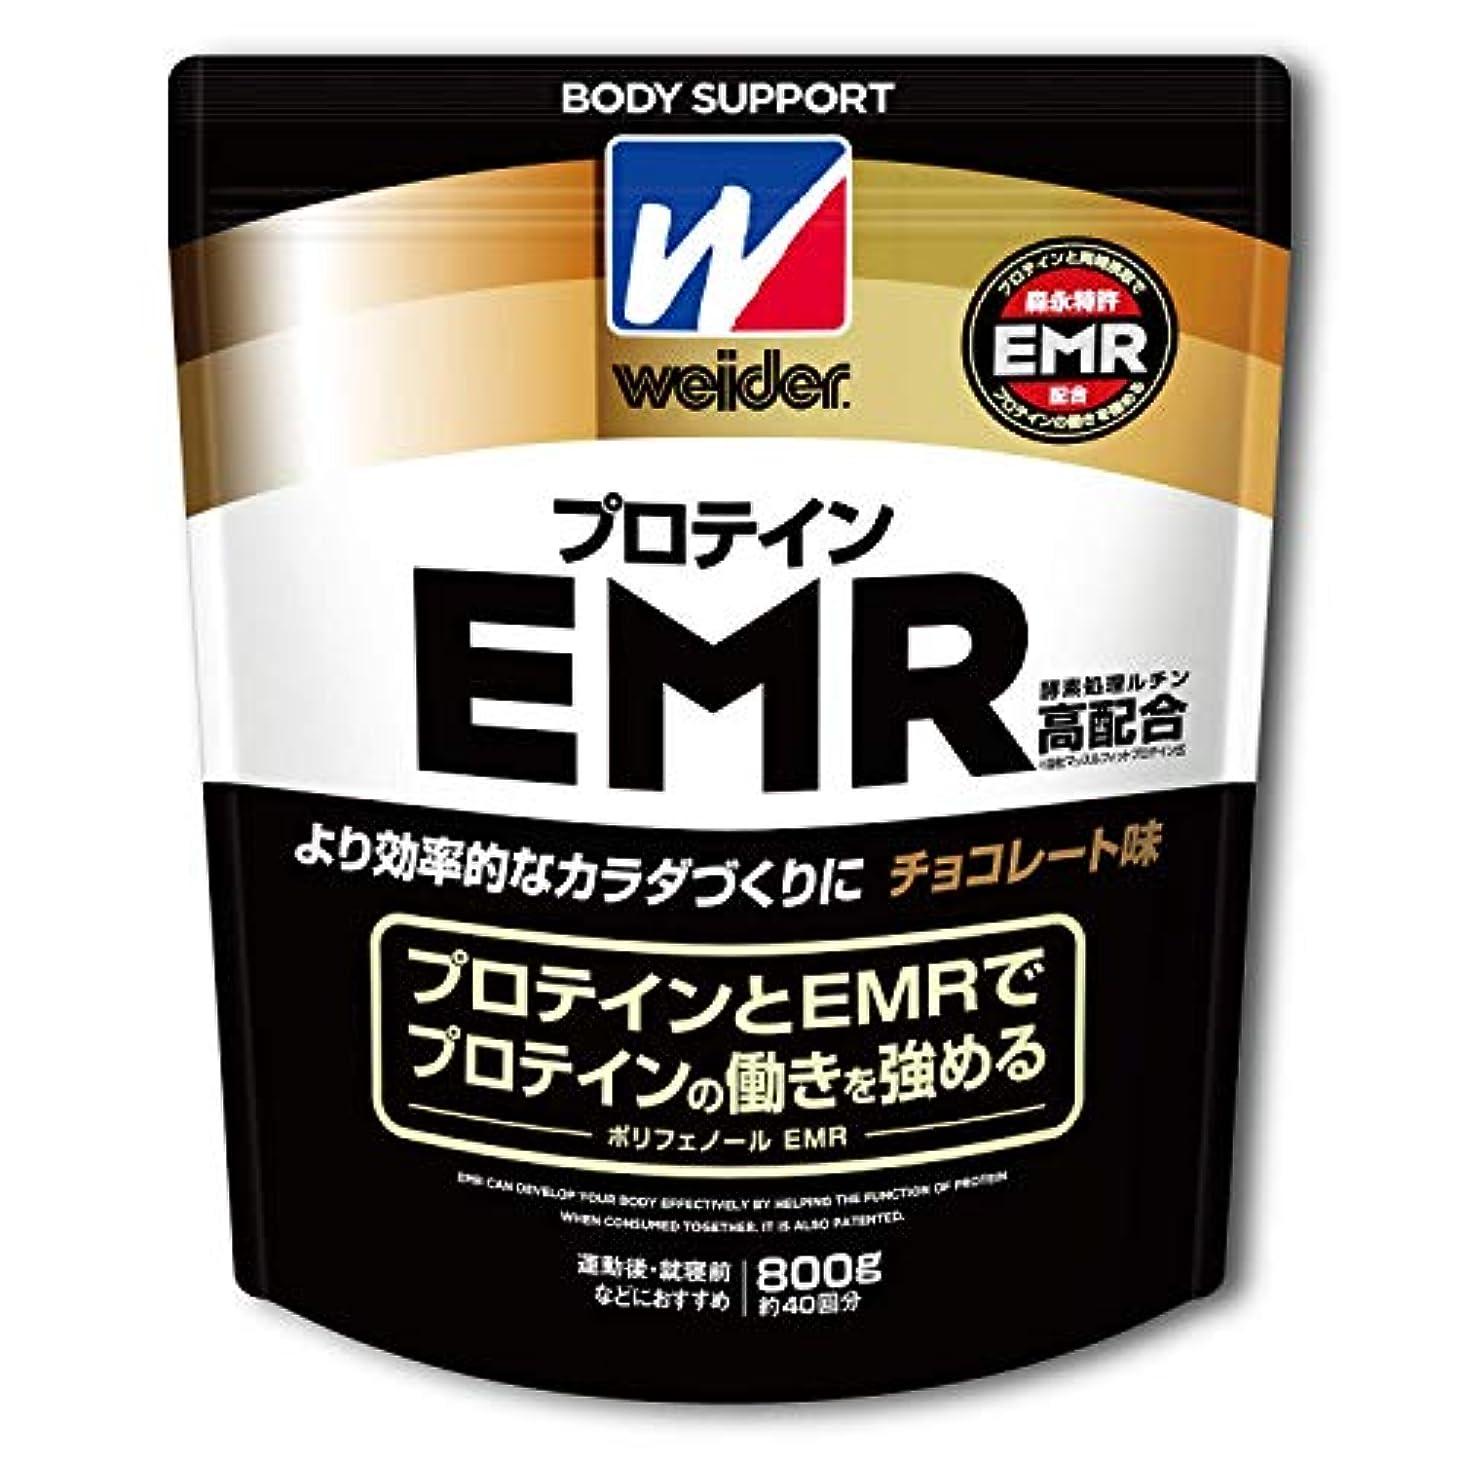 とげのあるエーカー組み込む【プライムデー記念発売】 ウイダー EMR高配合プロテイン チョコレート味 800g (約40回分) [Amazon限定ブランド]